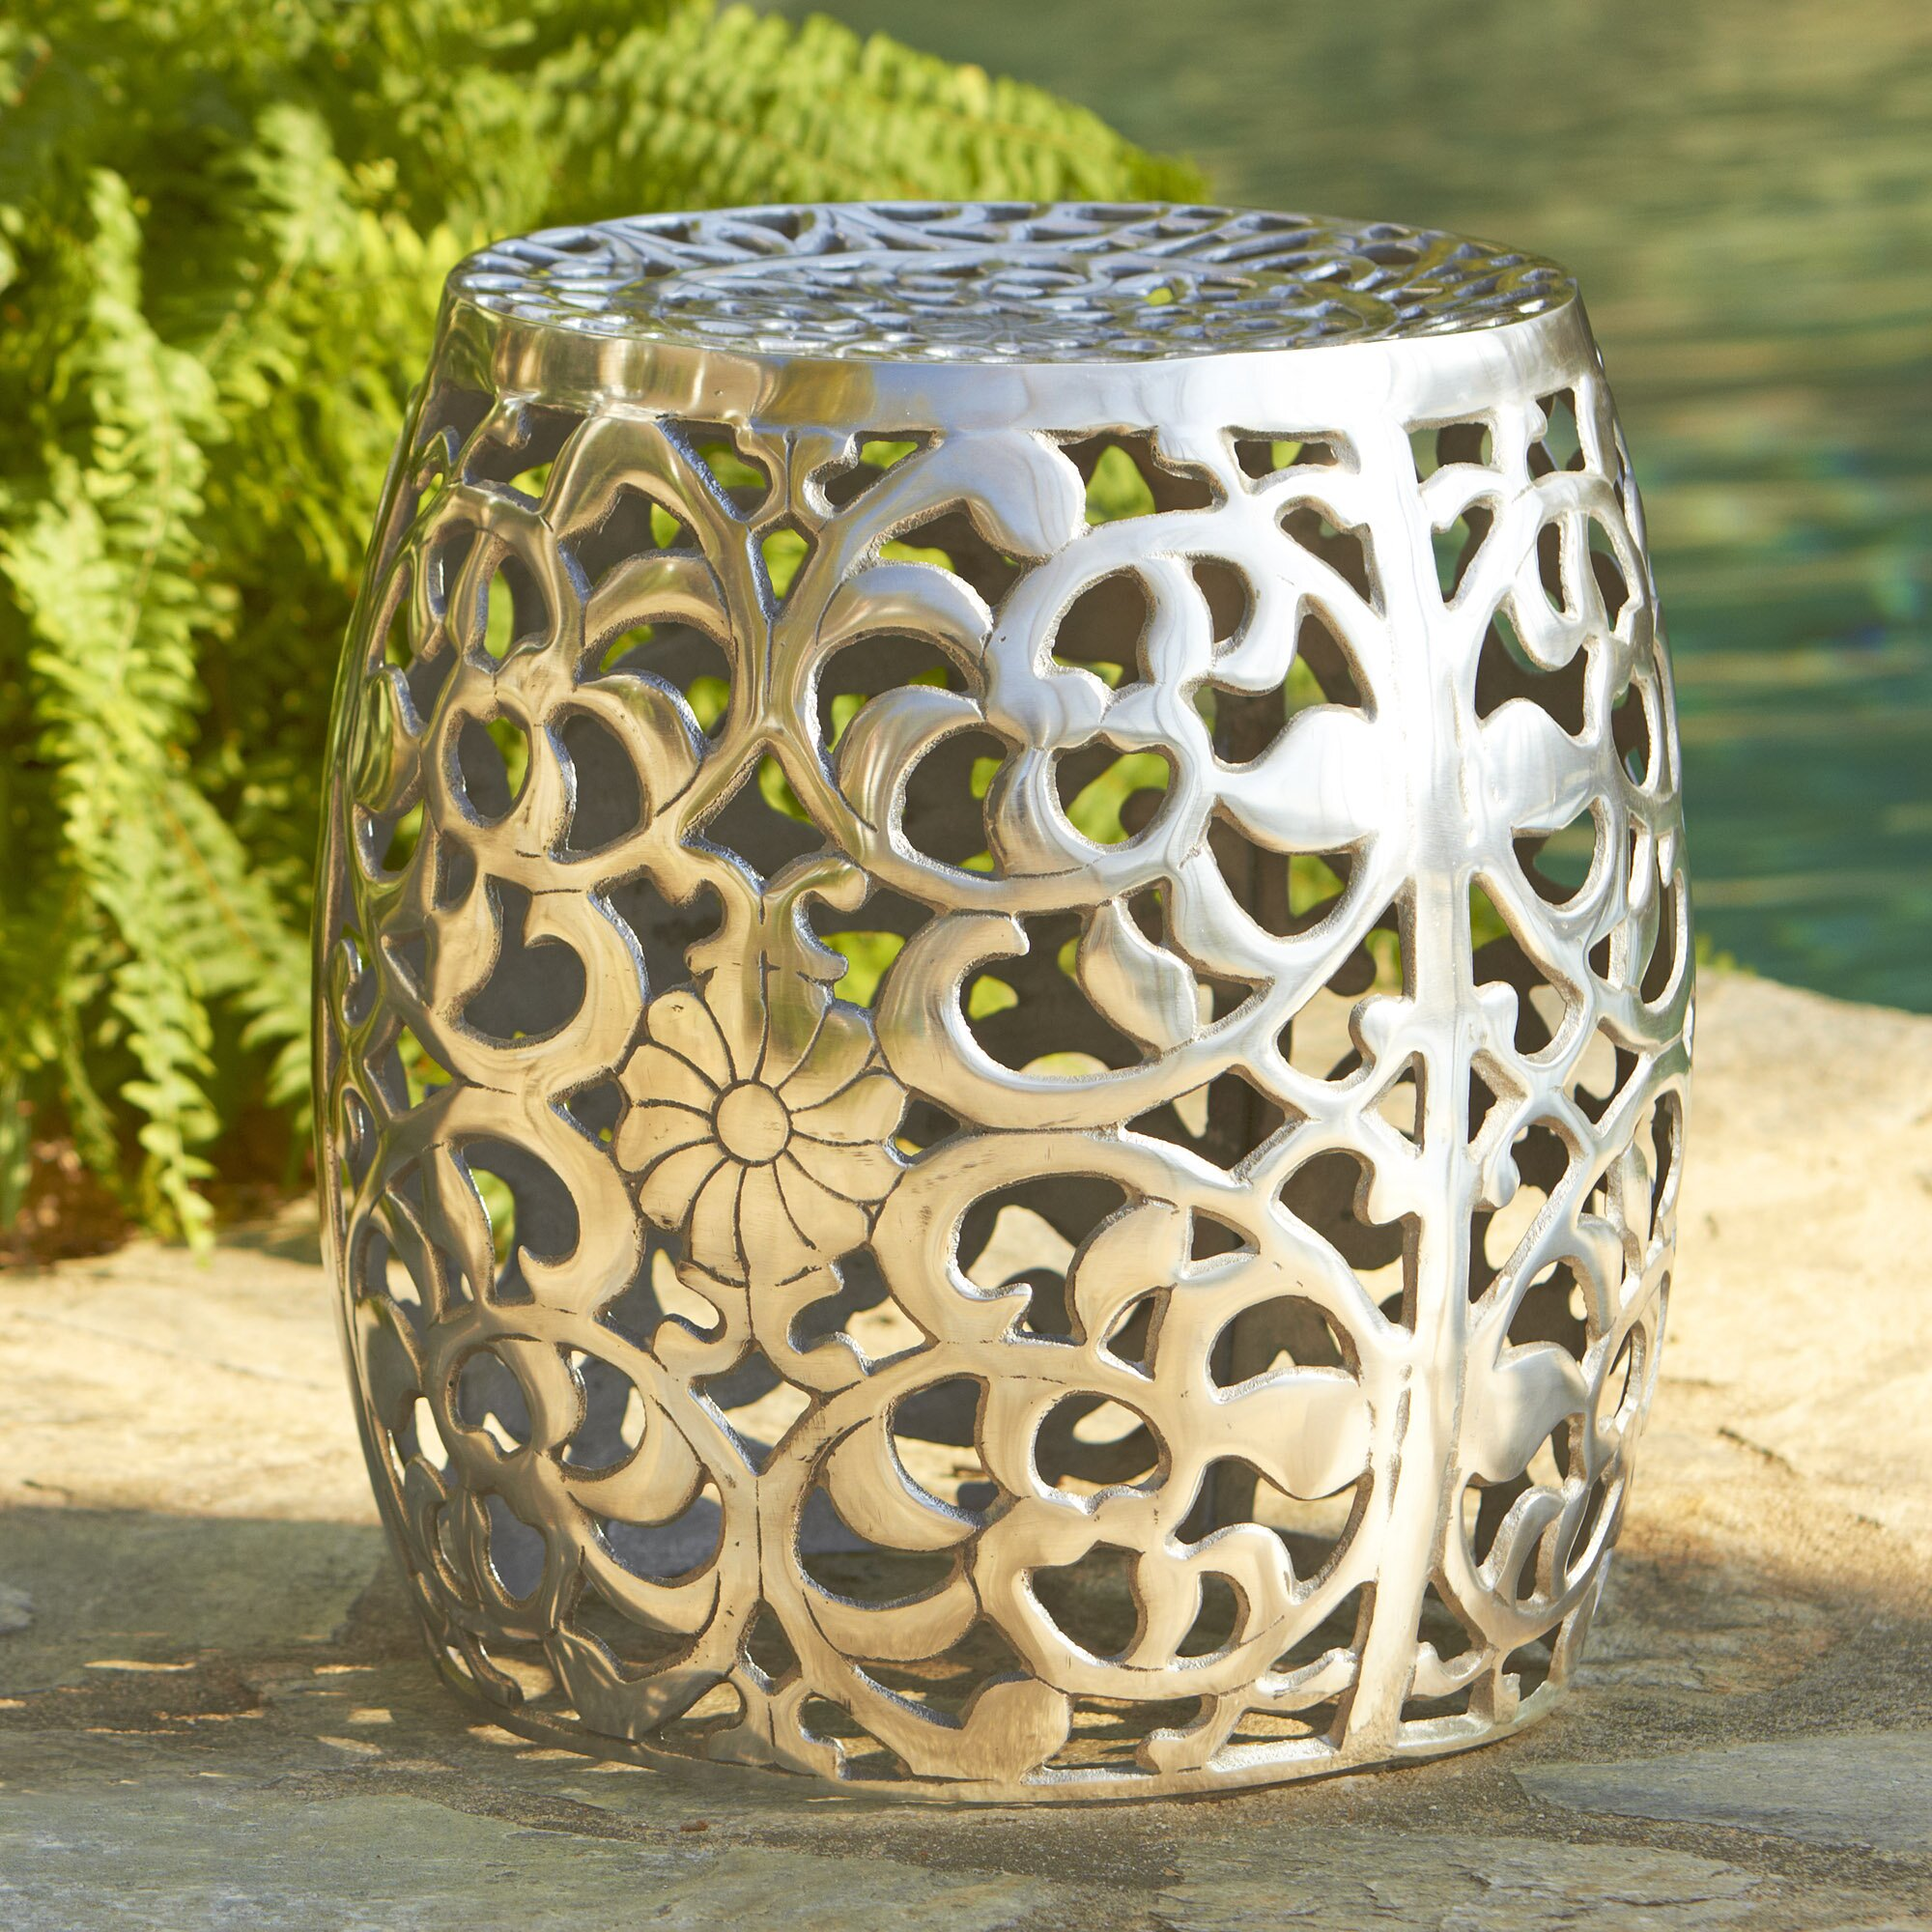 Exceptional Birch Lane Fretwork Aluminum Garden Stool